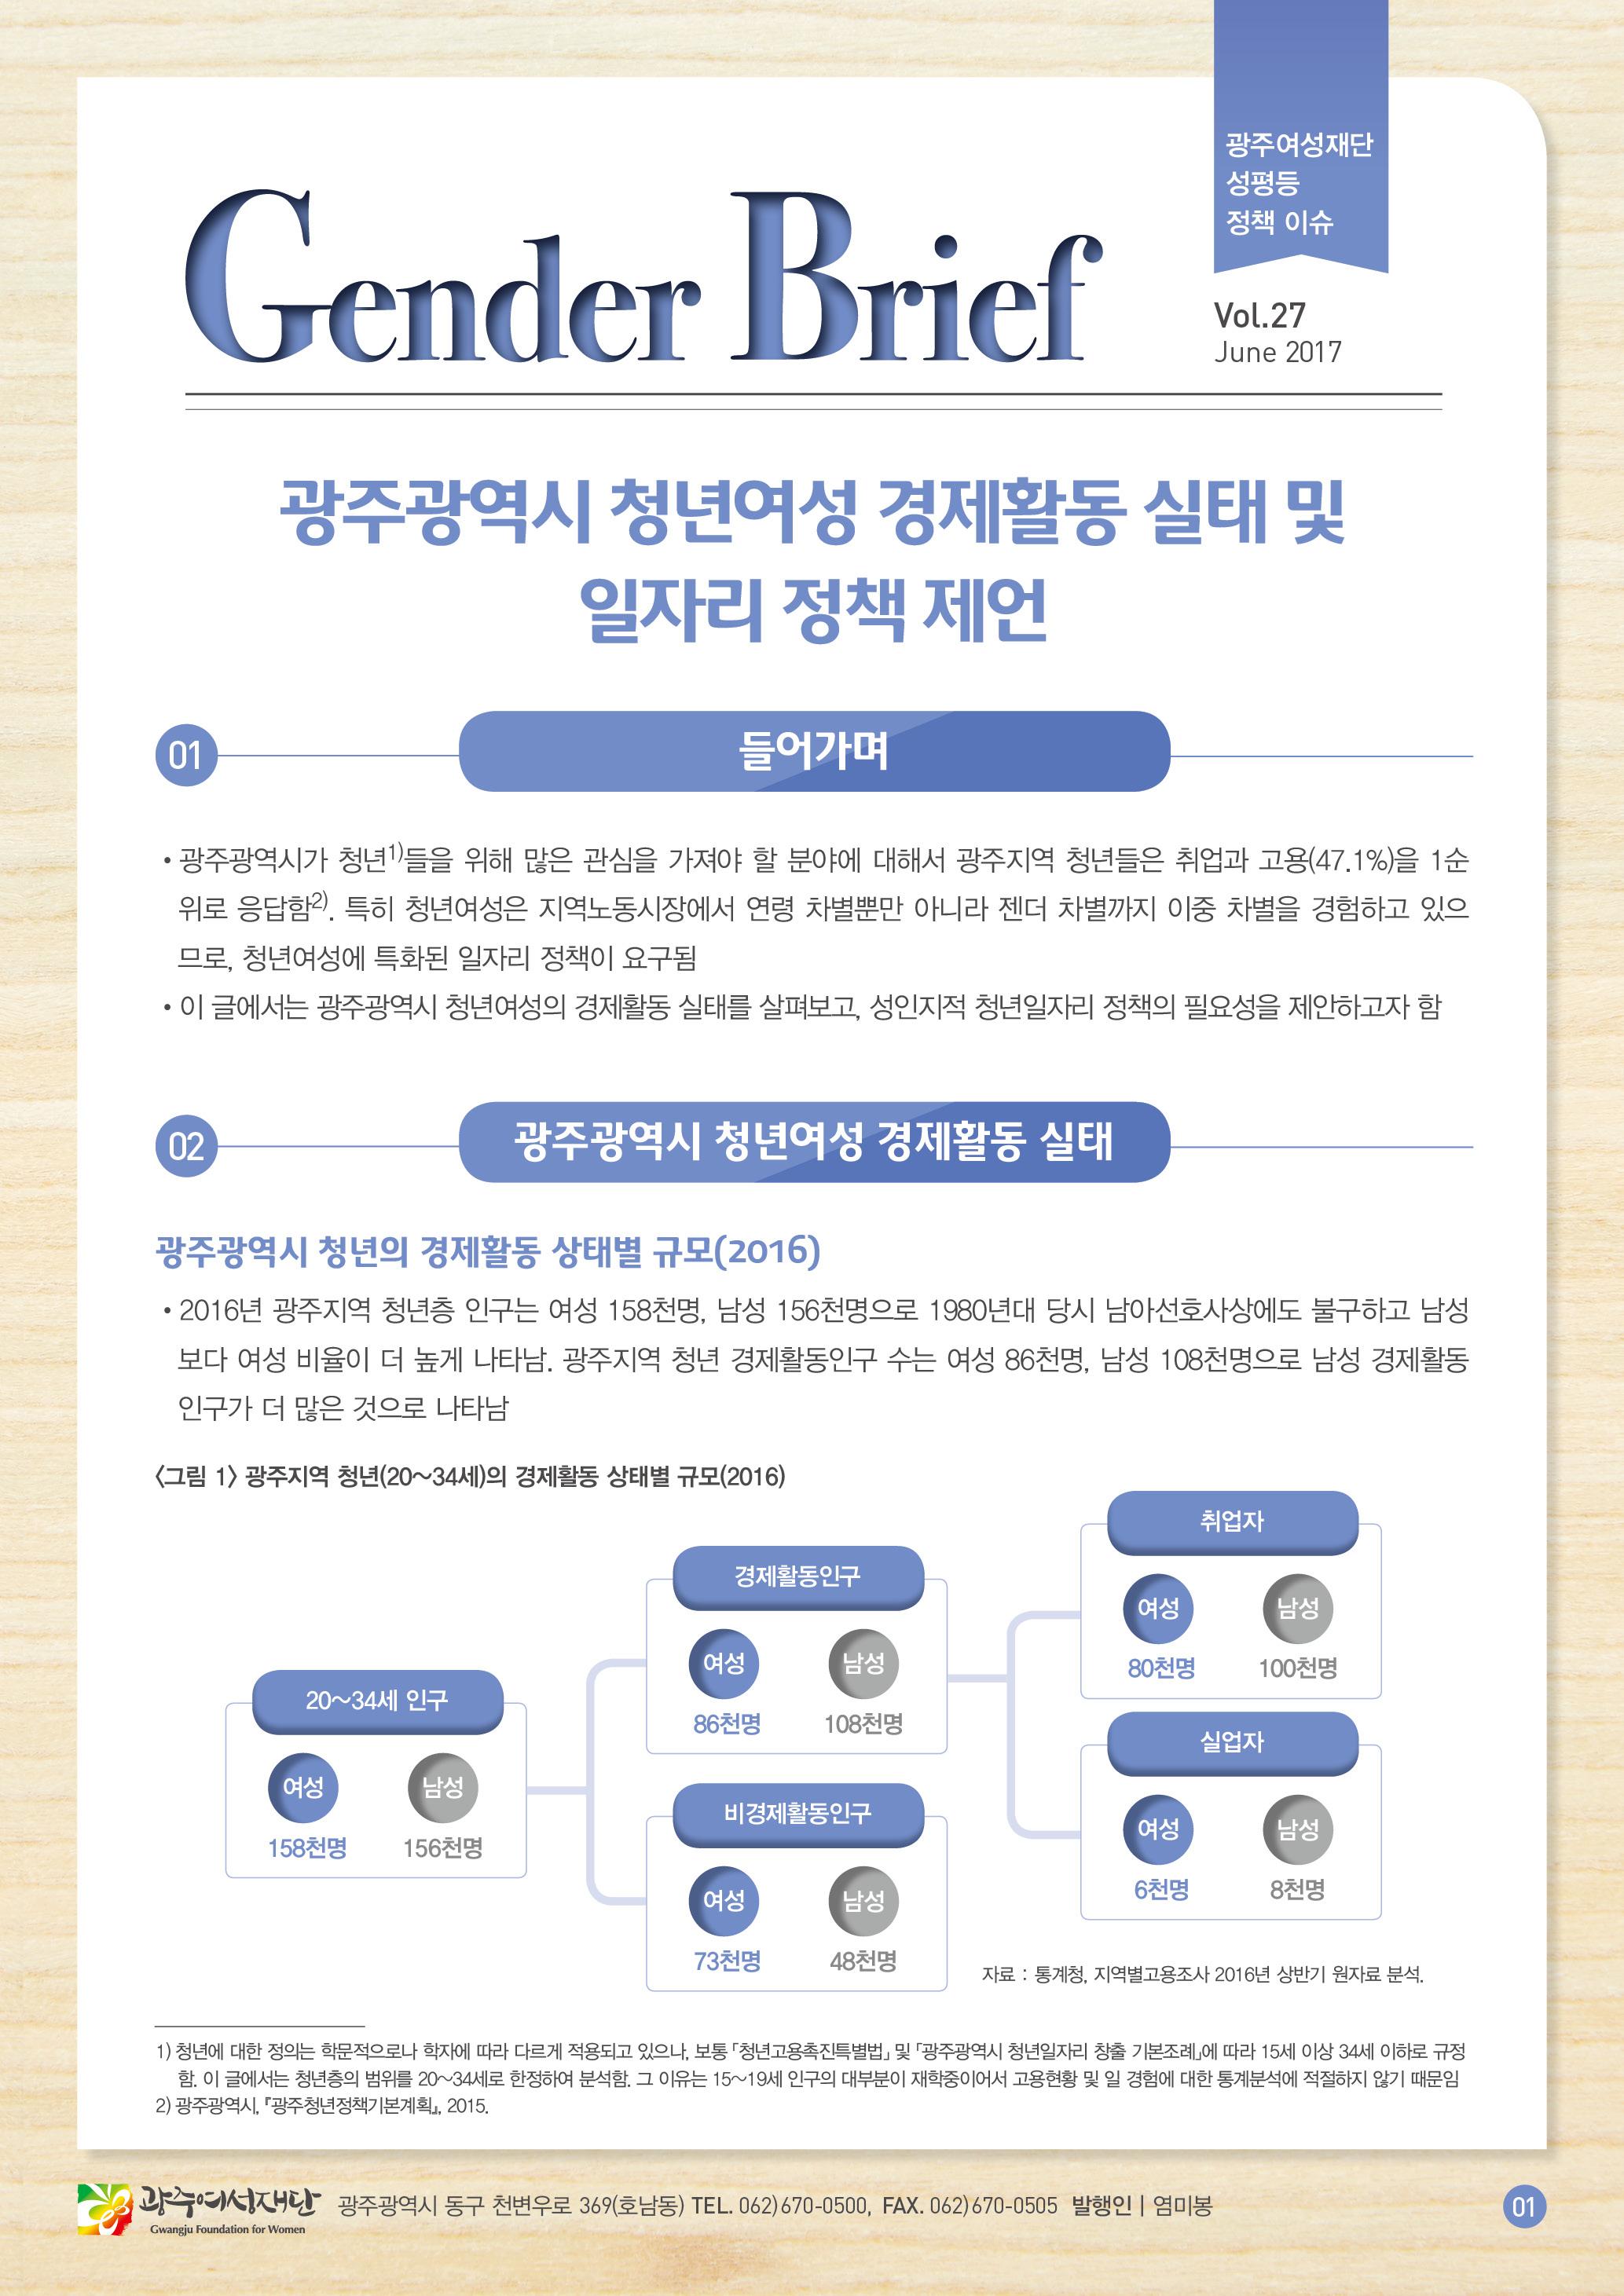 젠더브리프 제27호-광주광역시 청년여성 경제활동 실태 및 일자리 정책 제언